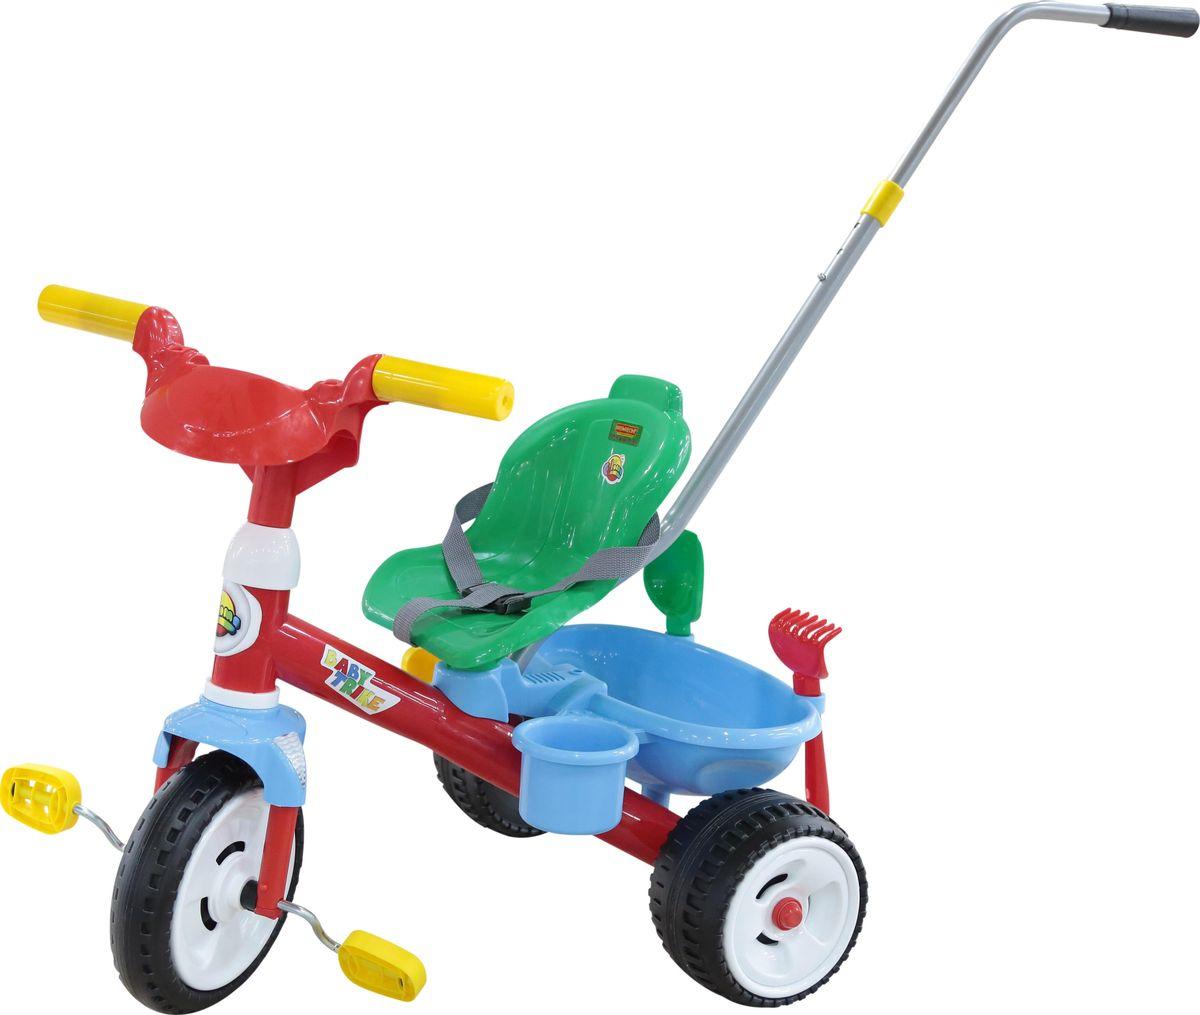 Полесье Велосипед трехколесный Беби Трайк с ручкой и ремешком, 46475, цвет в ассортименте